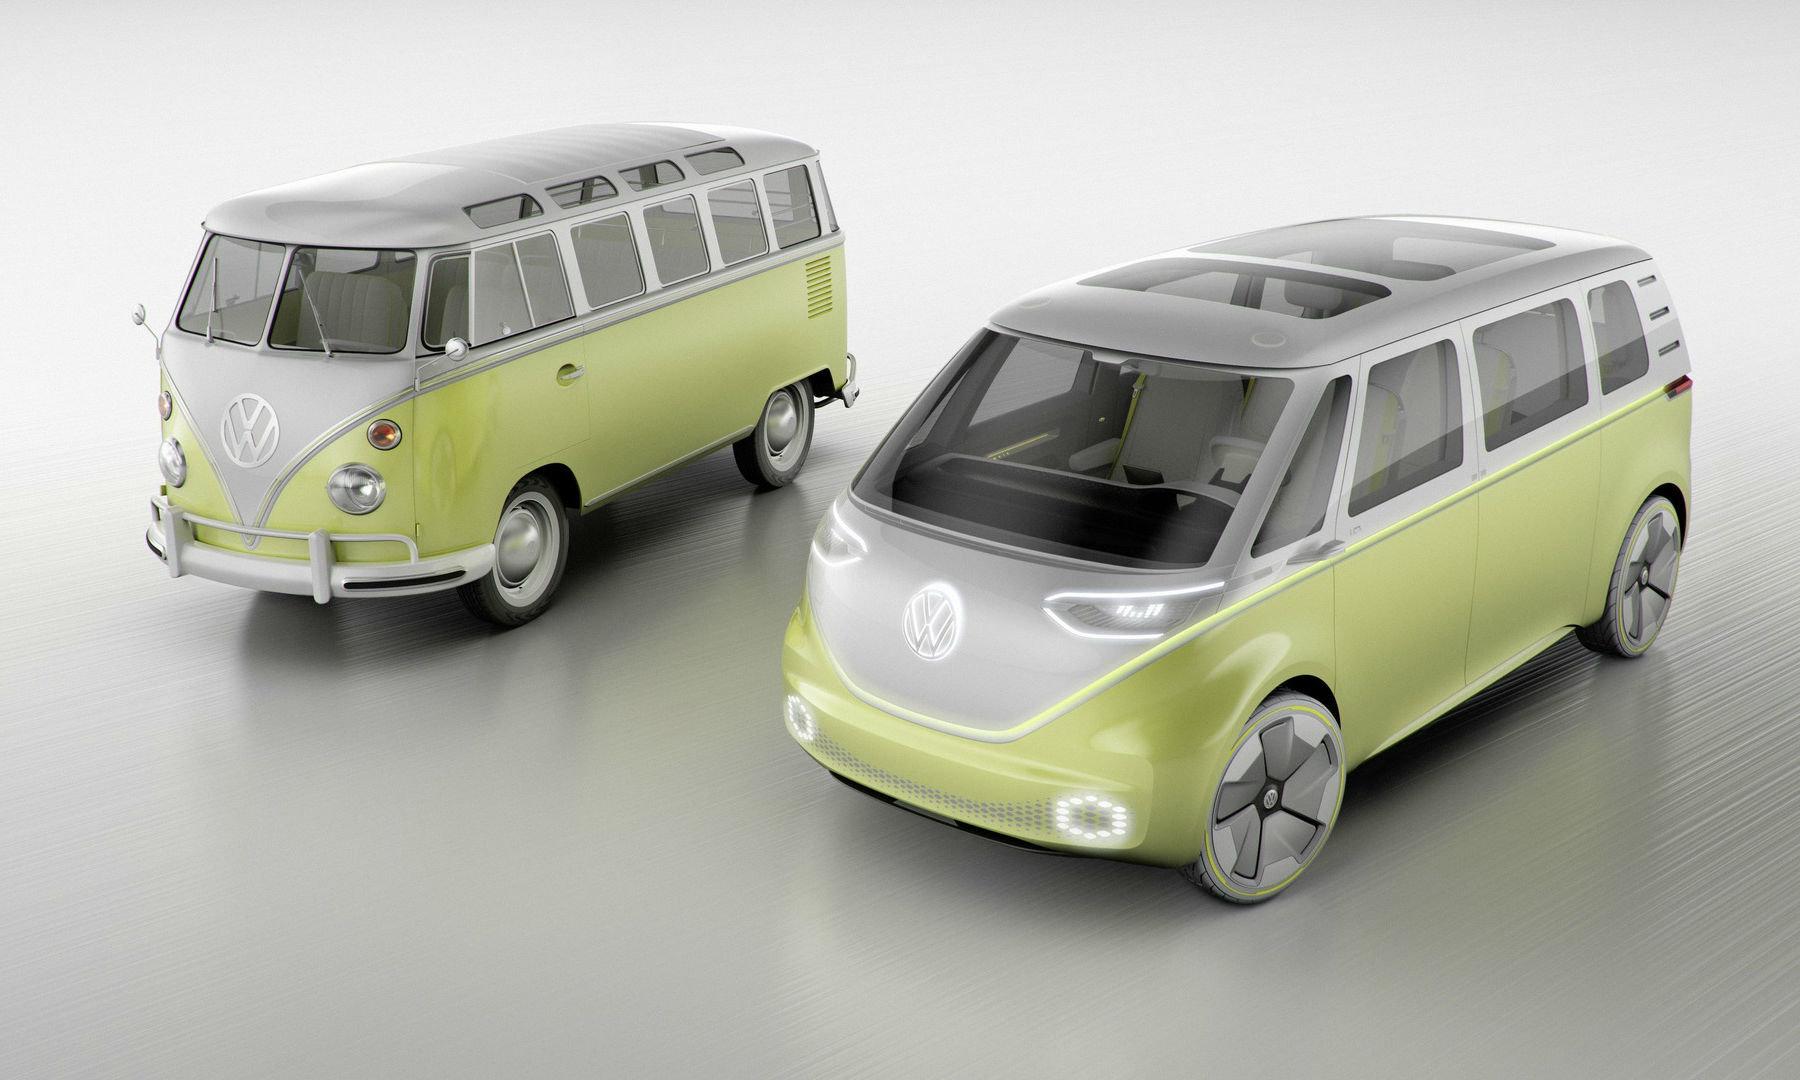 Volkswagen I.D. Buzz-11-01-2017 (1)